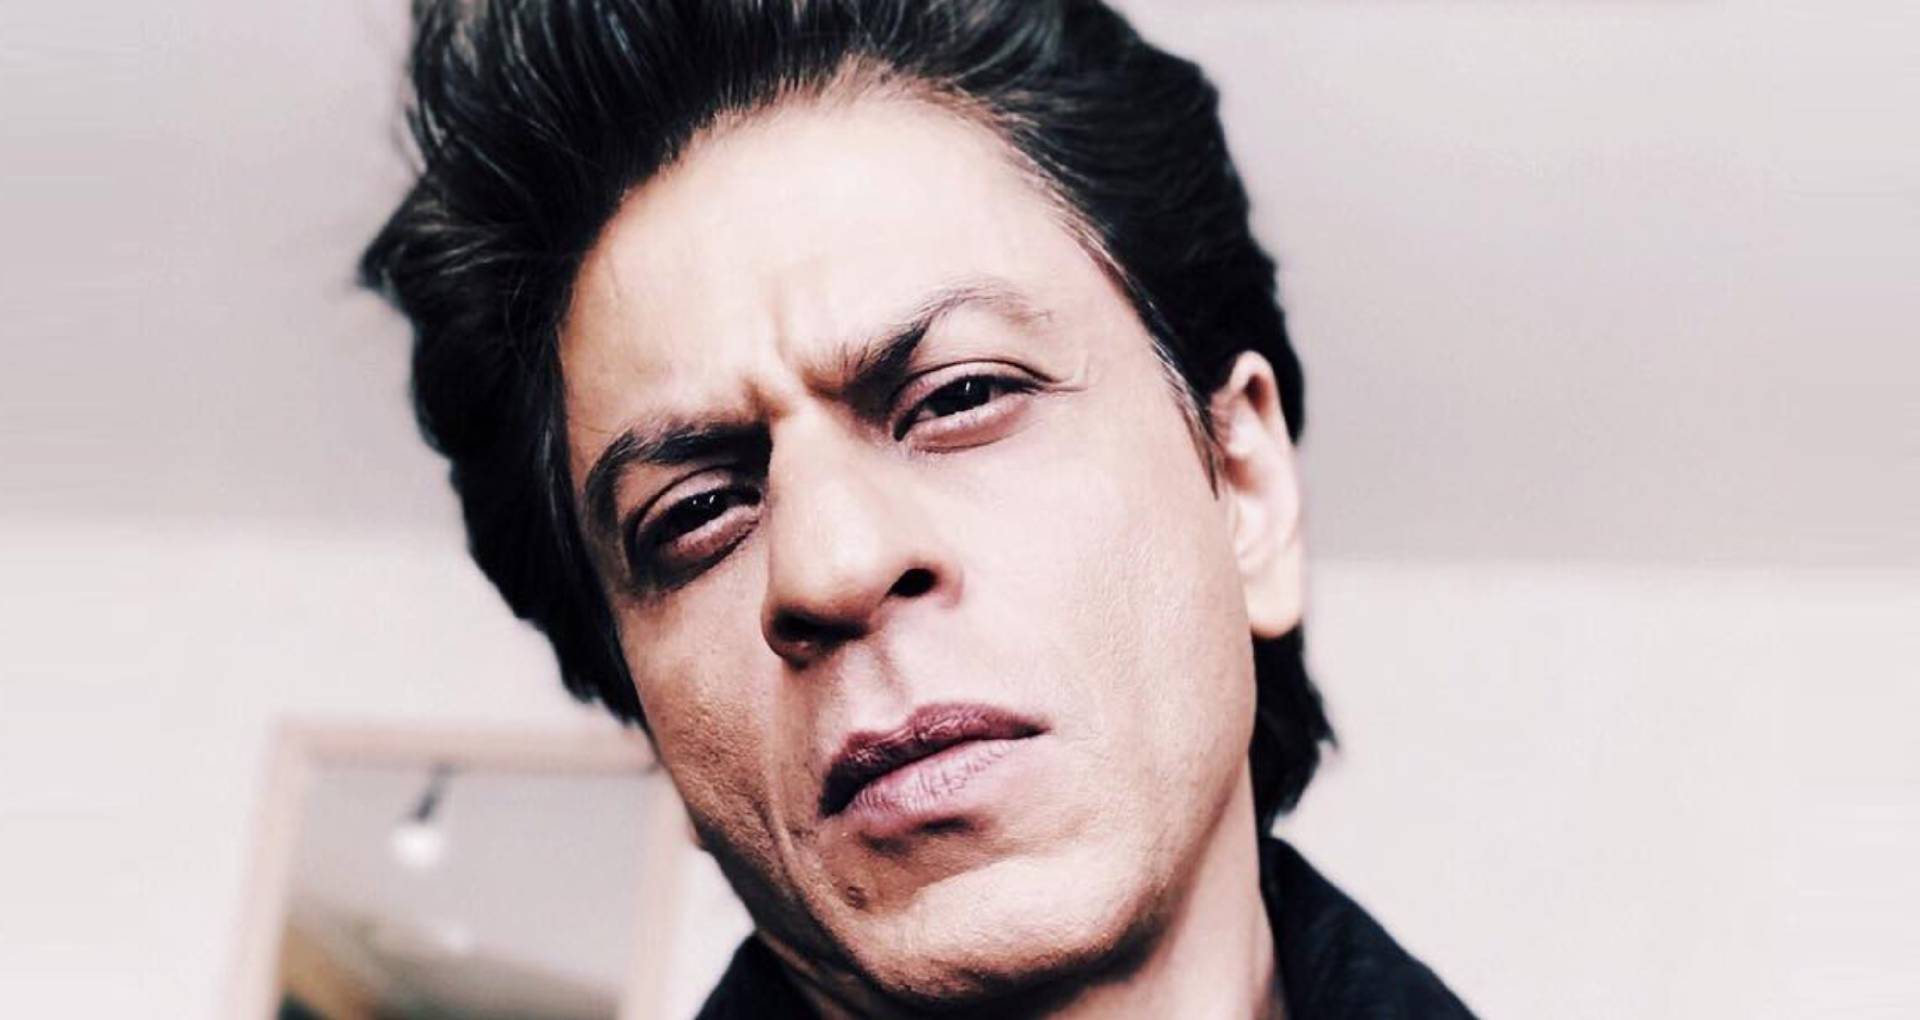 शाहरुख खान ने अपनी डेब्यू फिल्म को लेकर किया बड़ा खुलासा, इस वजह से नहीं देखी आज तक दीवाना